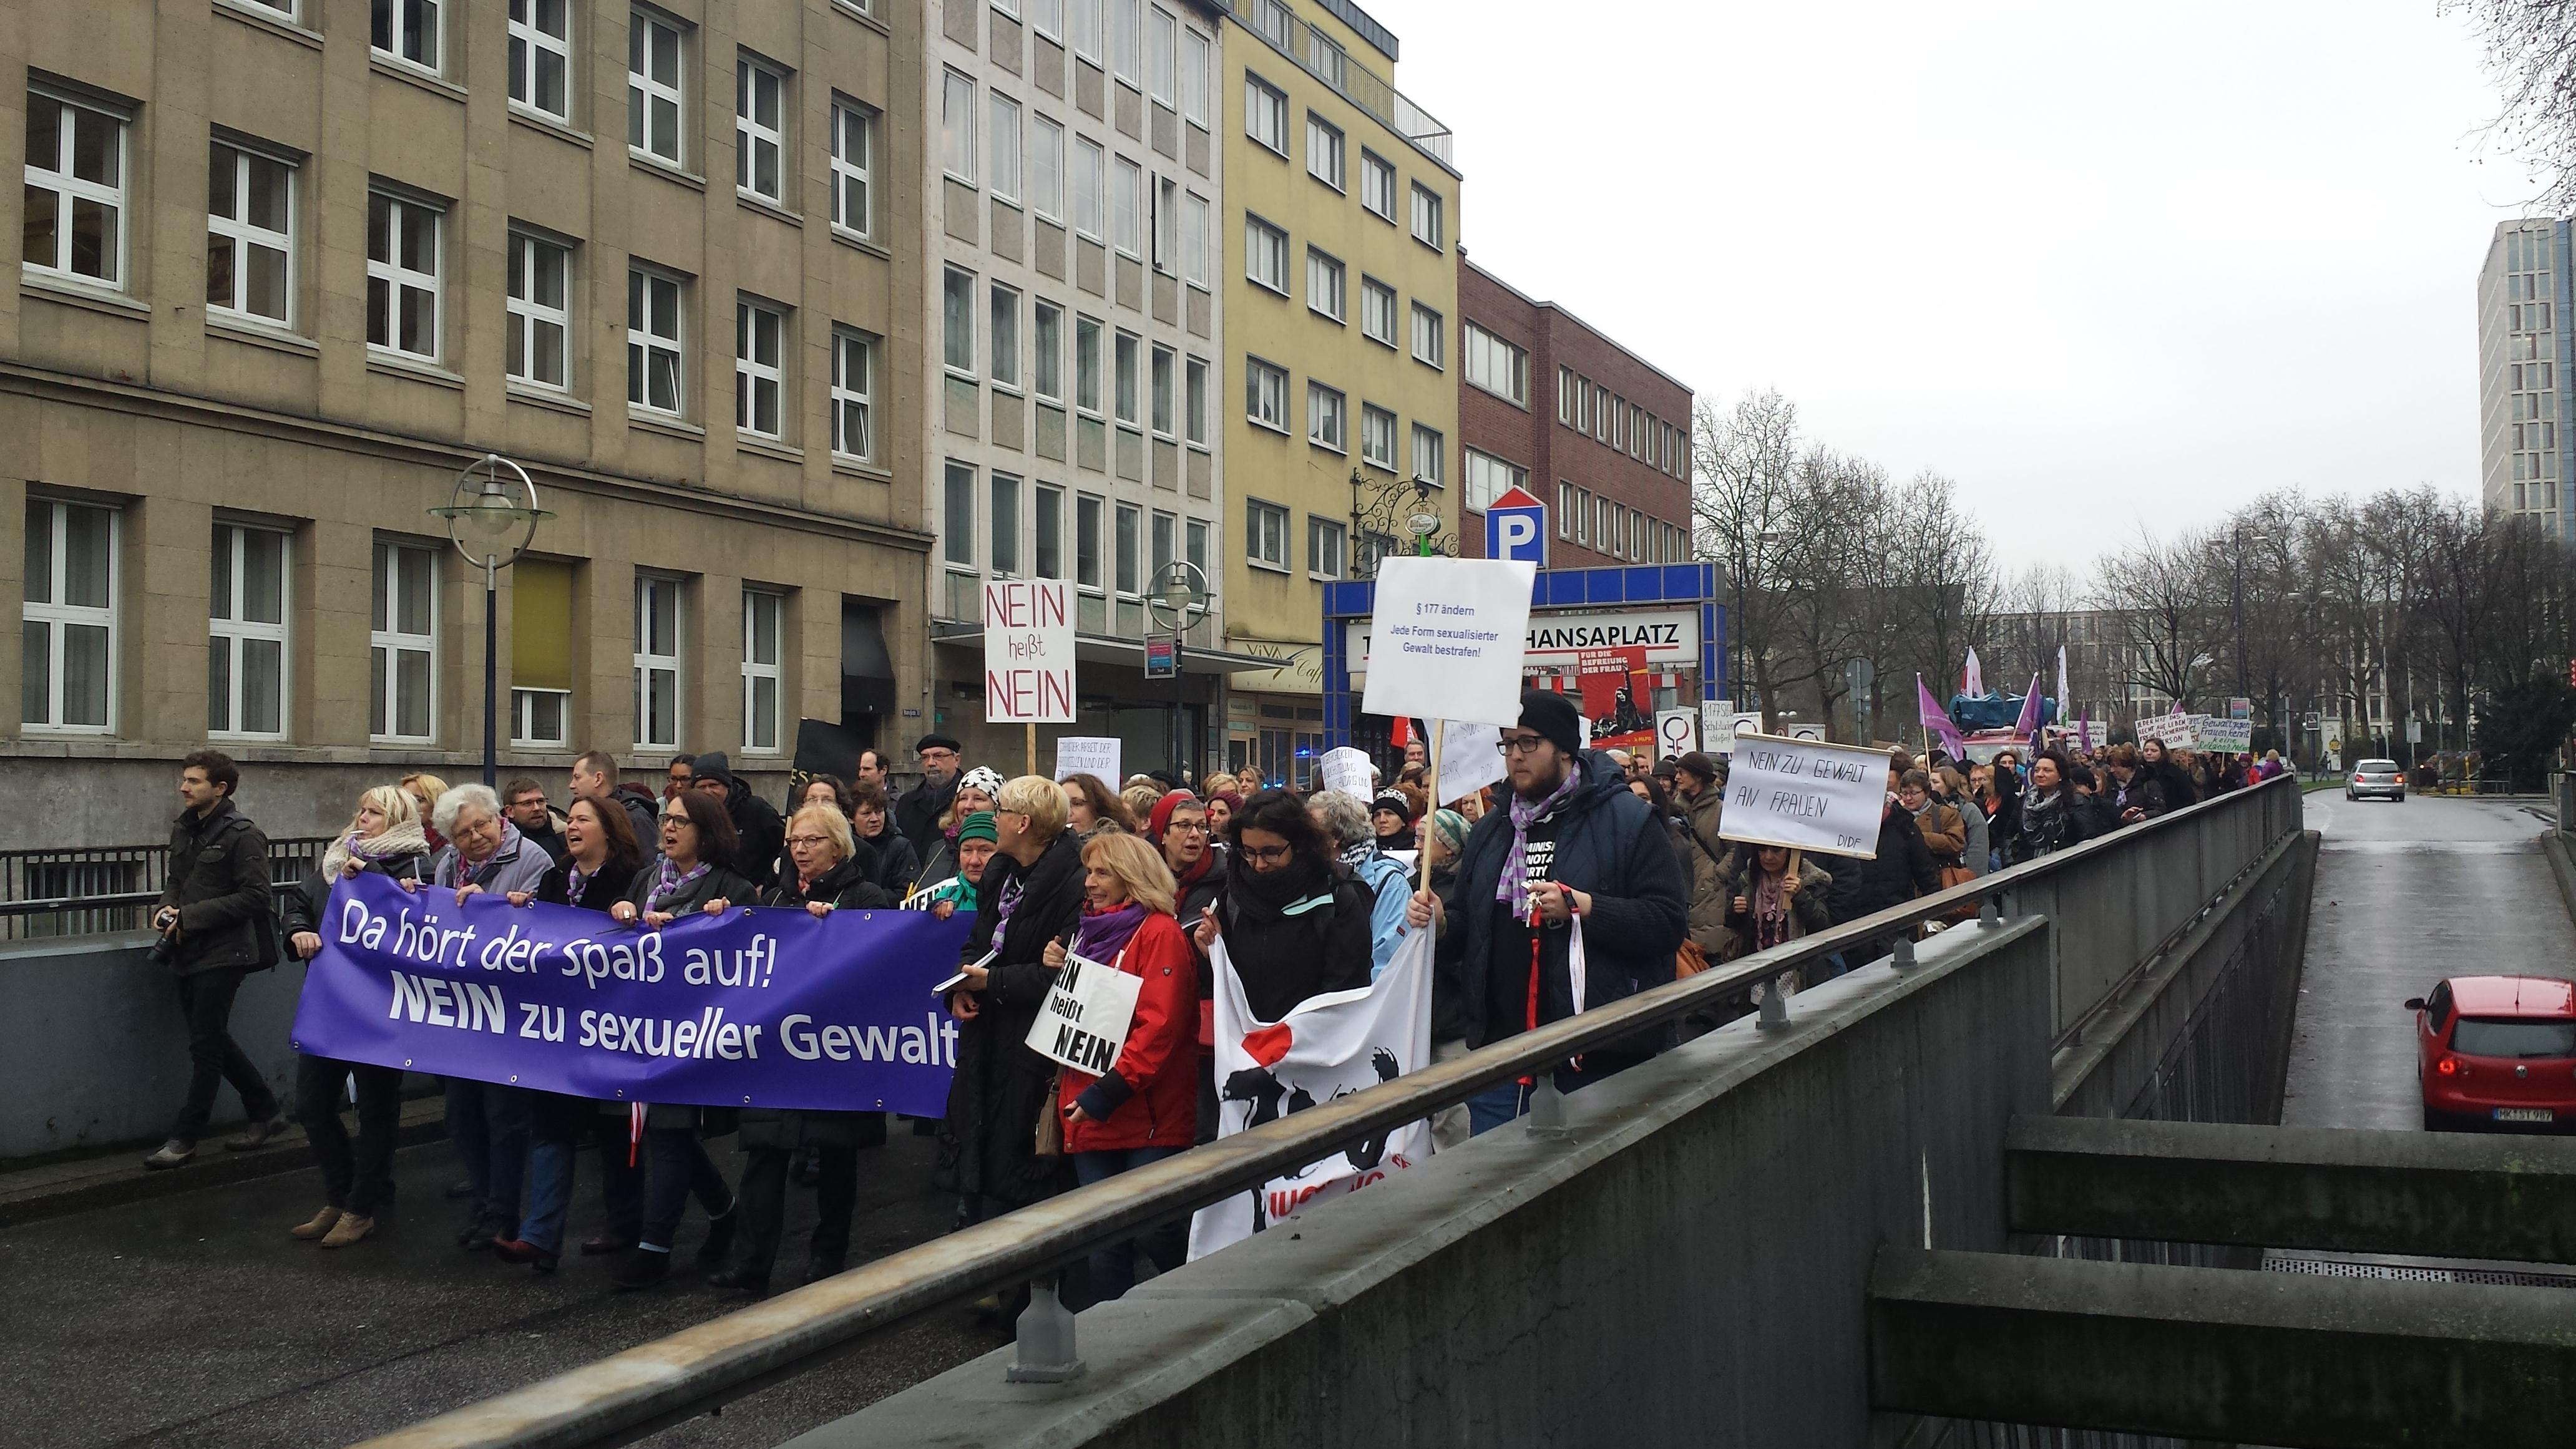 Zirka 200 Demonstrantinnen, unterstützt auch durch Männer, marschieren durch die Stadt.